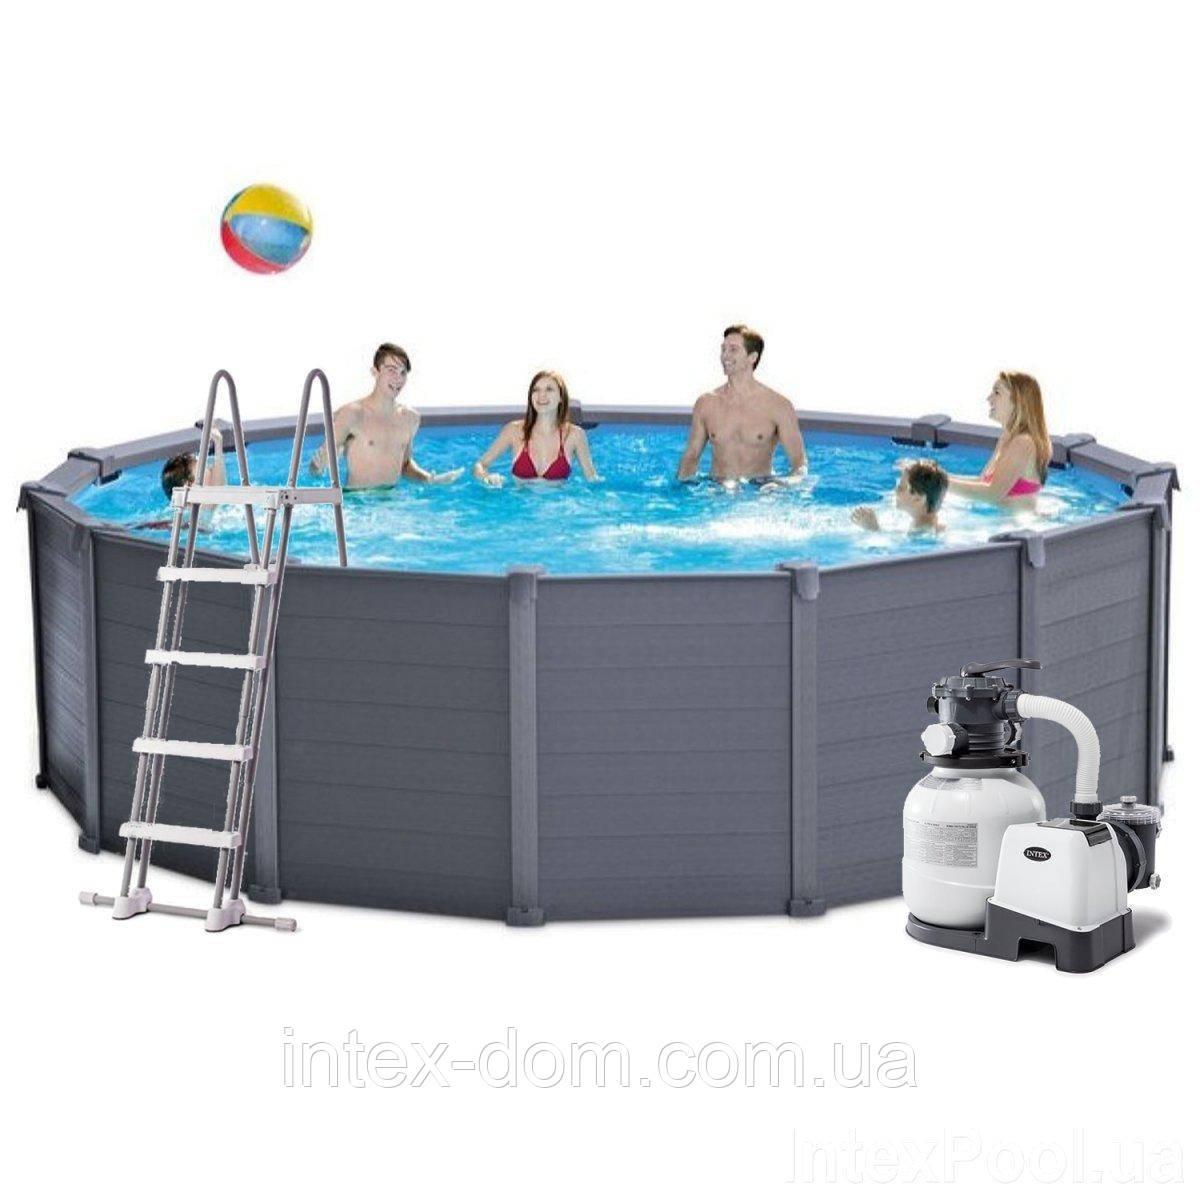 Каркасний басейн Intex 26384, (478 х 124 см) (Пісочний фільтр-насос, 4 500 л/год, сходи, тент, підстилка)